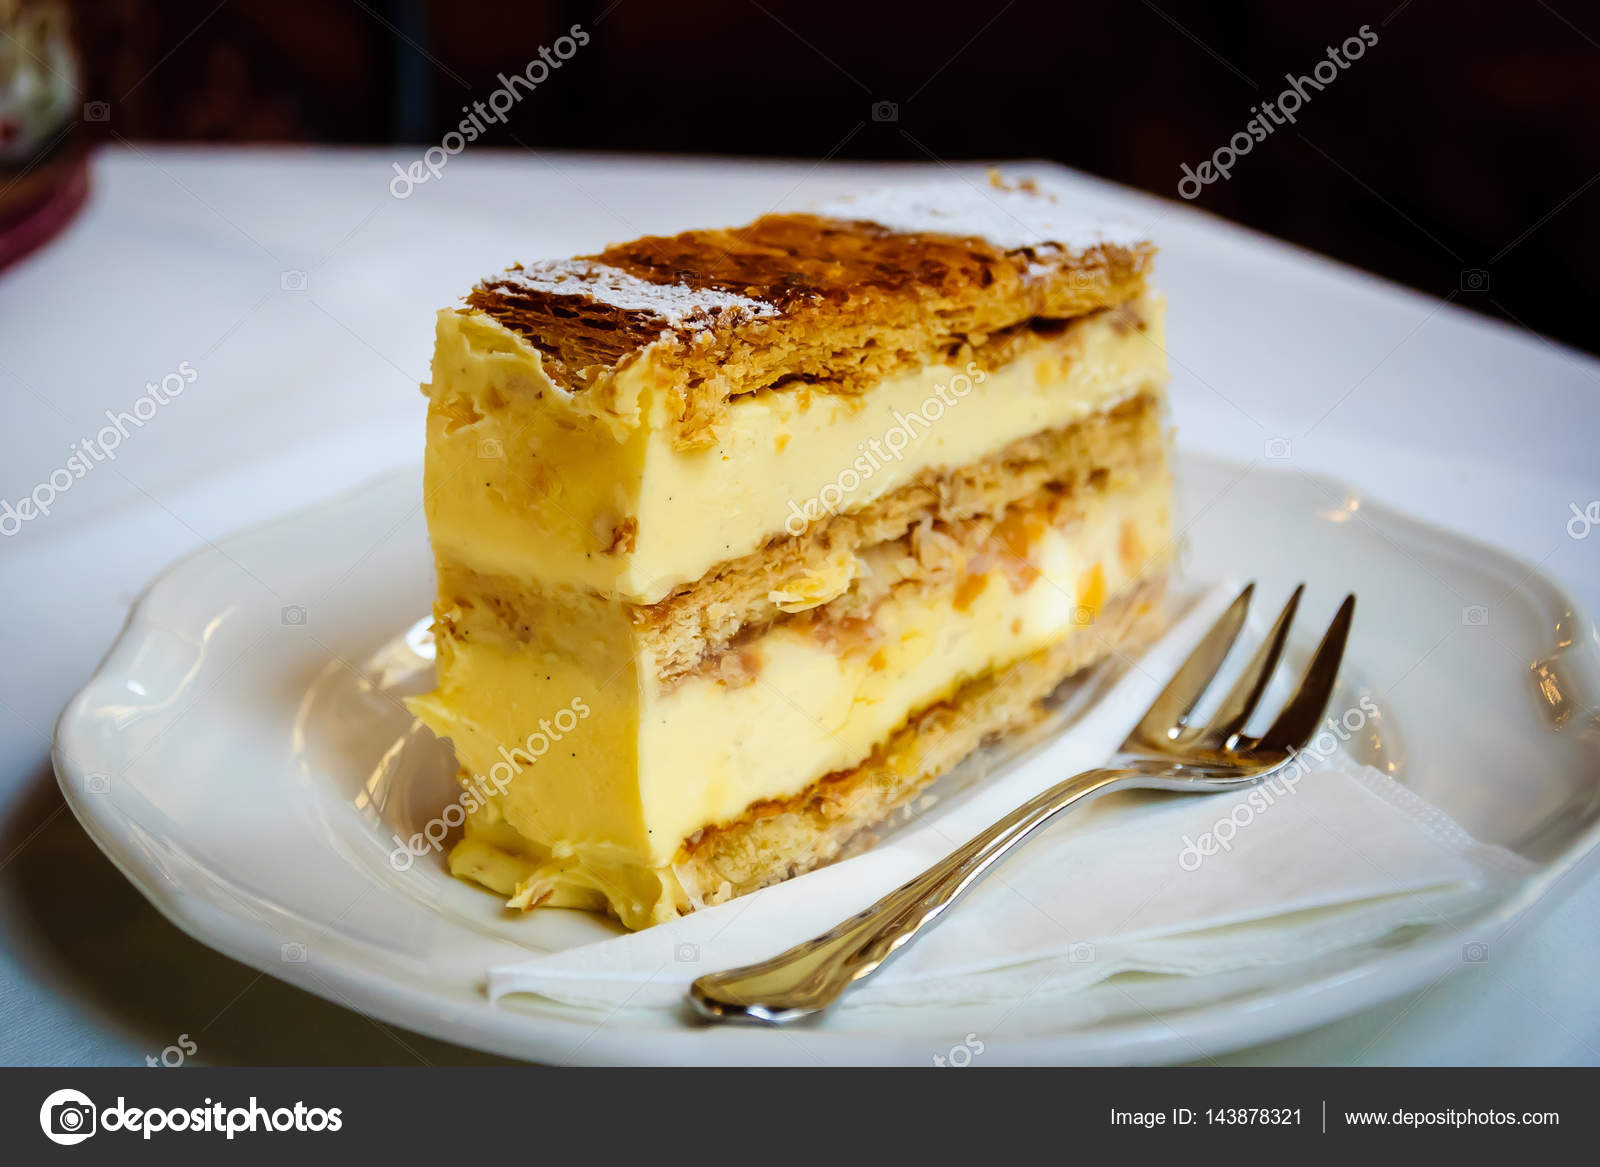 Süße Topfenstrudel Quark Mit Vanillesauce Stockfoto Eakkapan